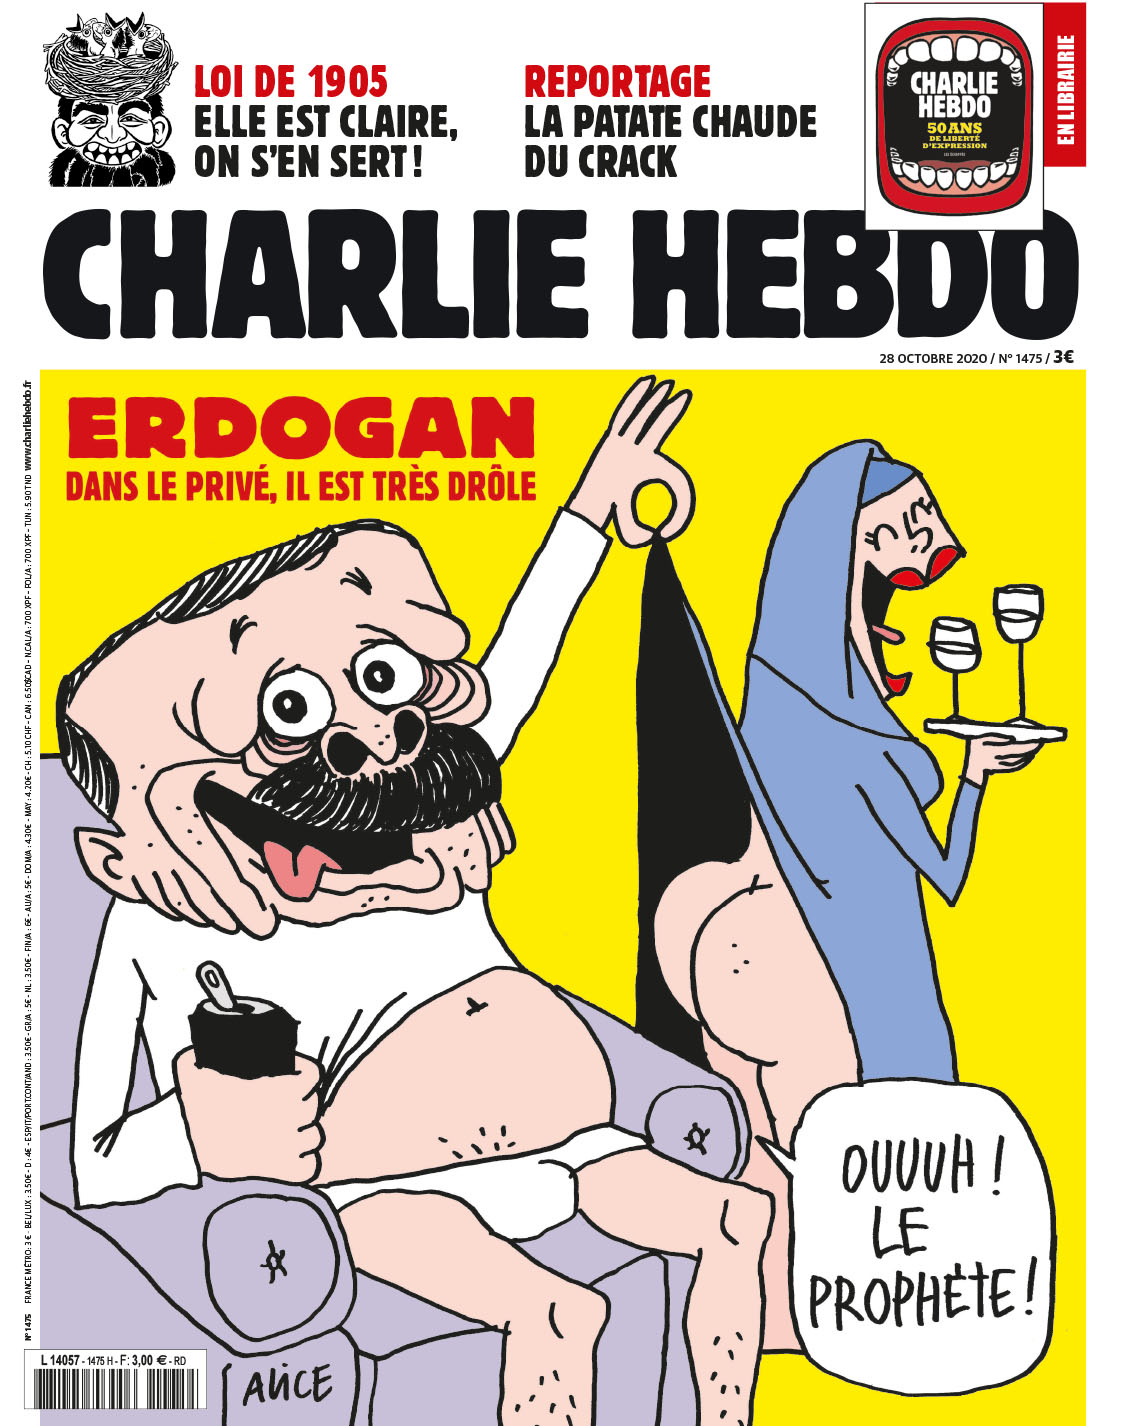 Το νέο πρωτοσέλιδο του «Charlie Hebdo» με τον Ρετζέπ Ταγίπ Ερντογάν